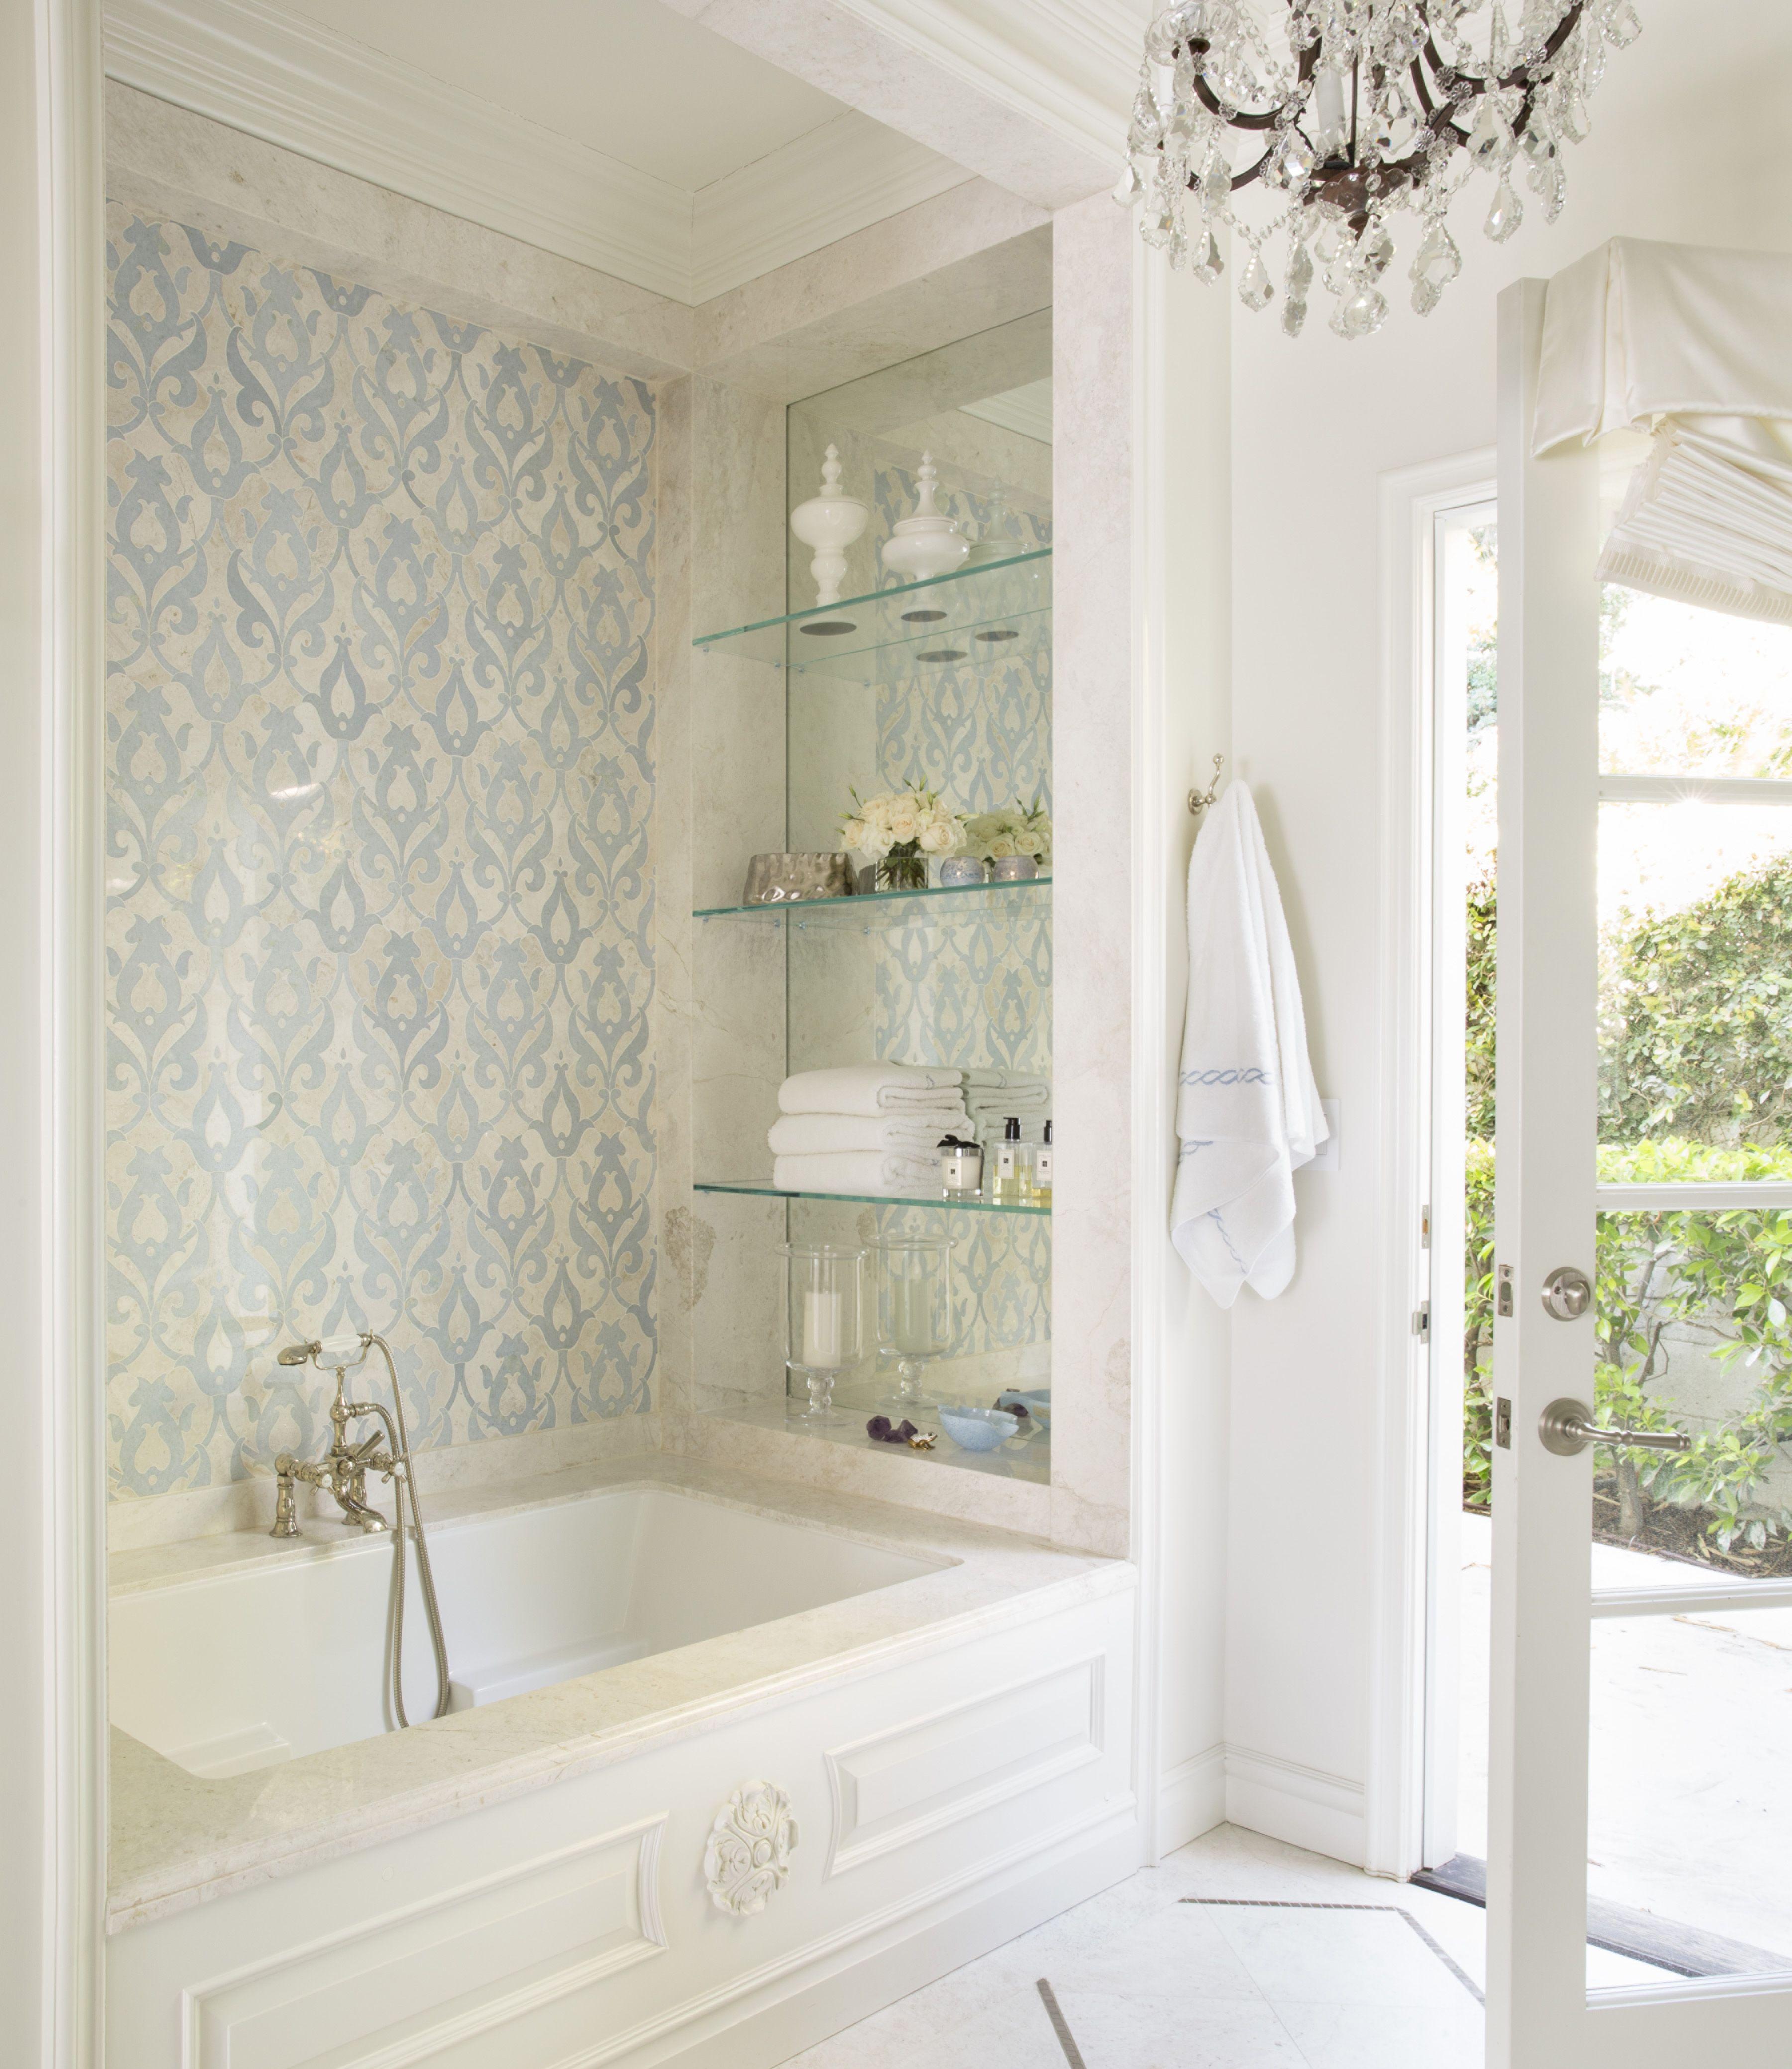 Gorgeous bathtub backsplash design - Sfa Design   Bathtubs ...